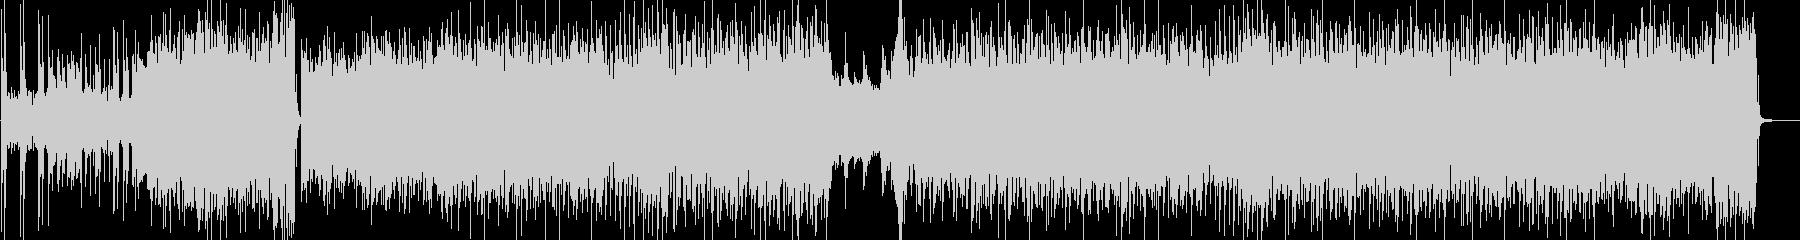 ピアノオーケストラBGMポップ映像にの未再生の波形